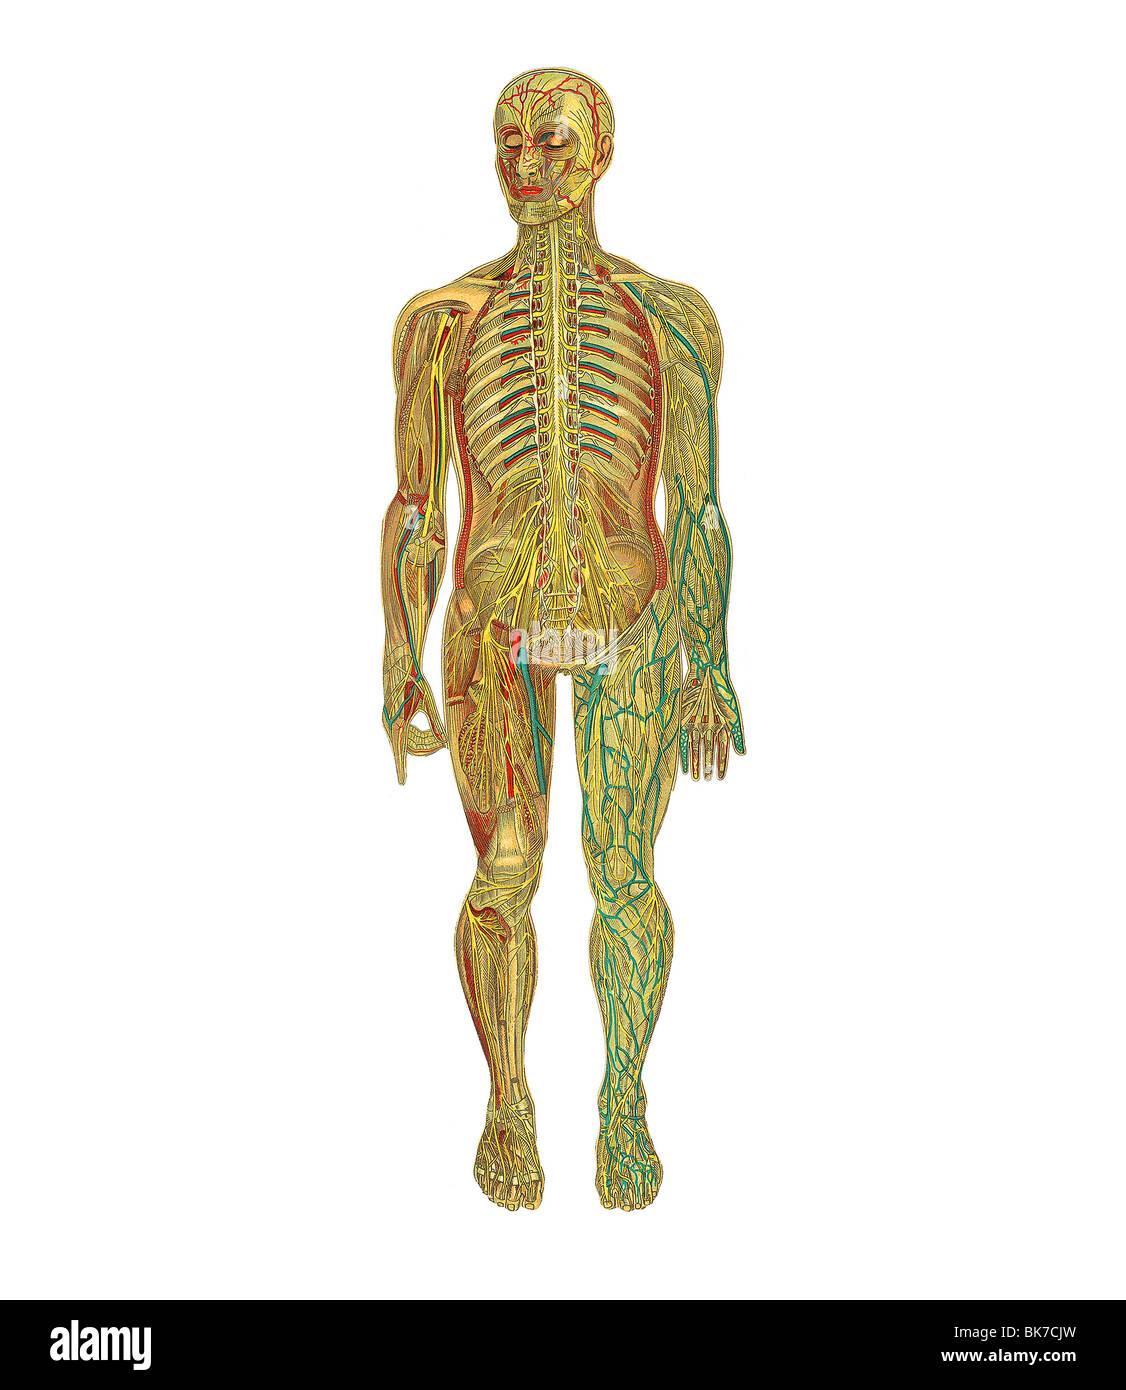 Tolle Was Anatomie Oberfläche Zeitgenössisch - Anatomie Ideen ...